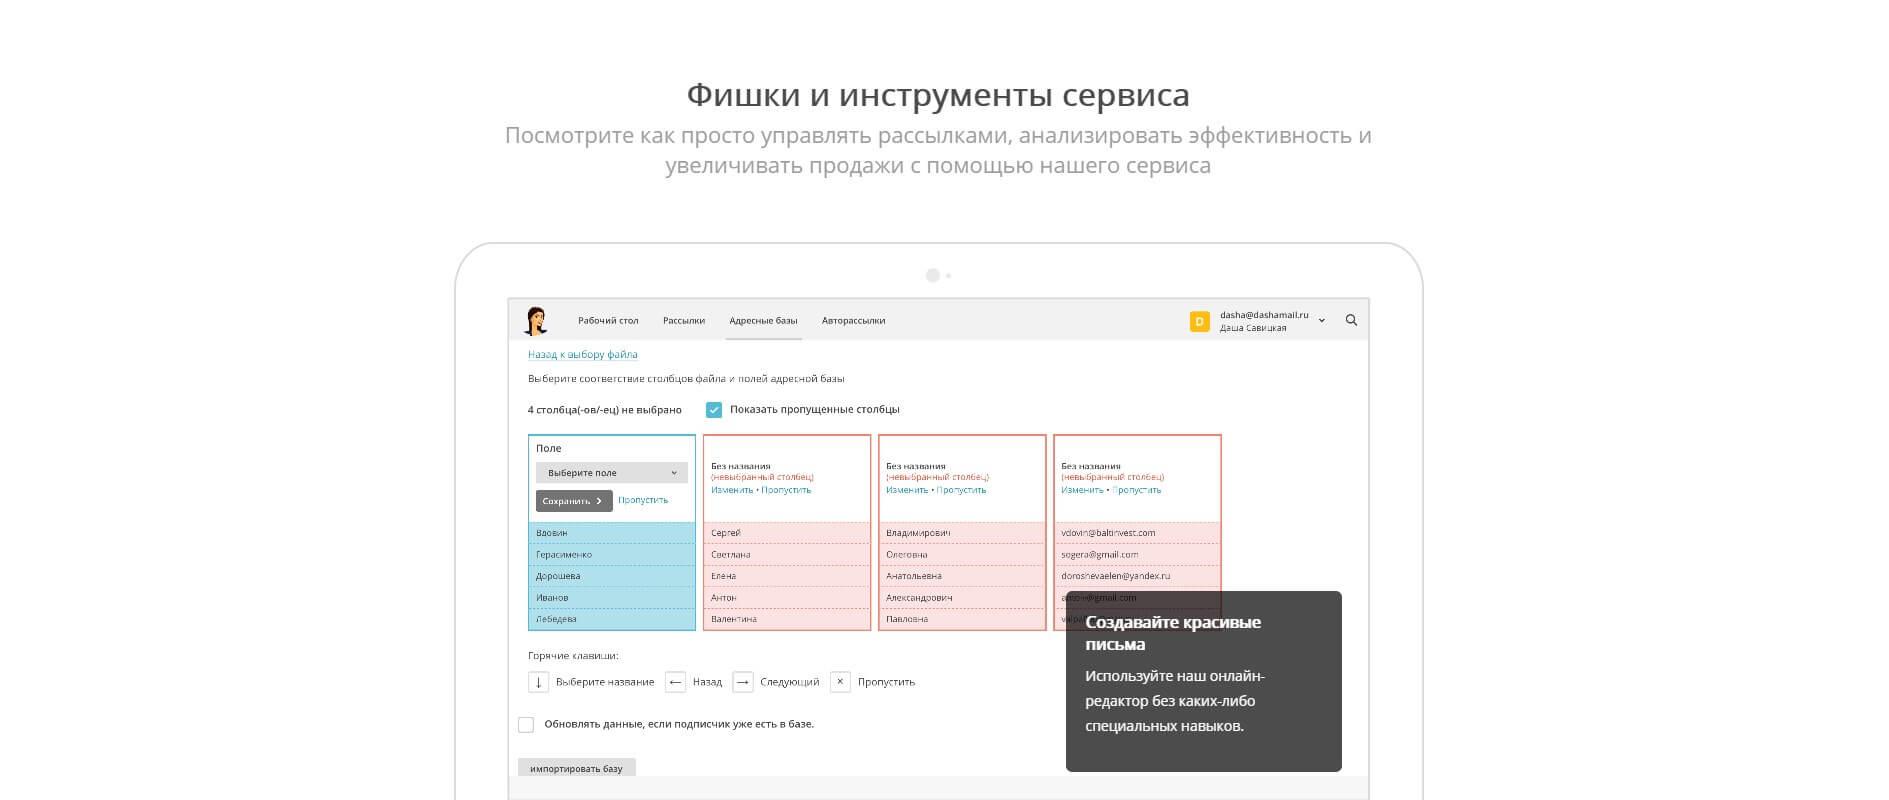 Удобный интерфейс сервиса